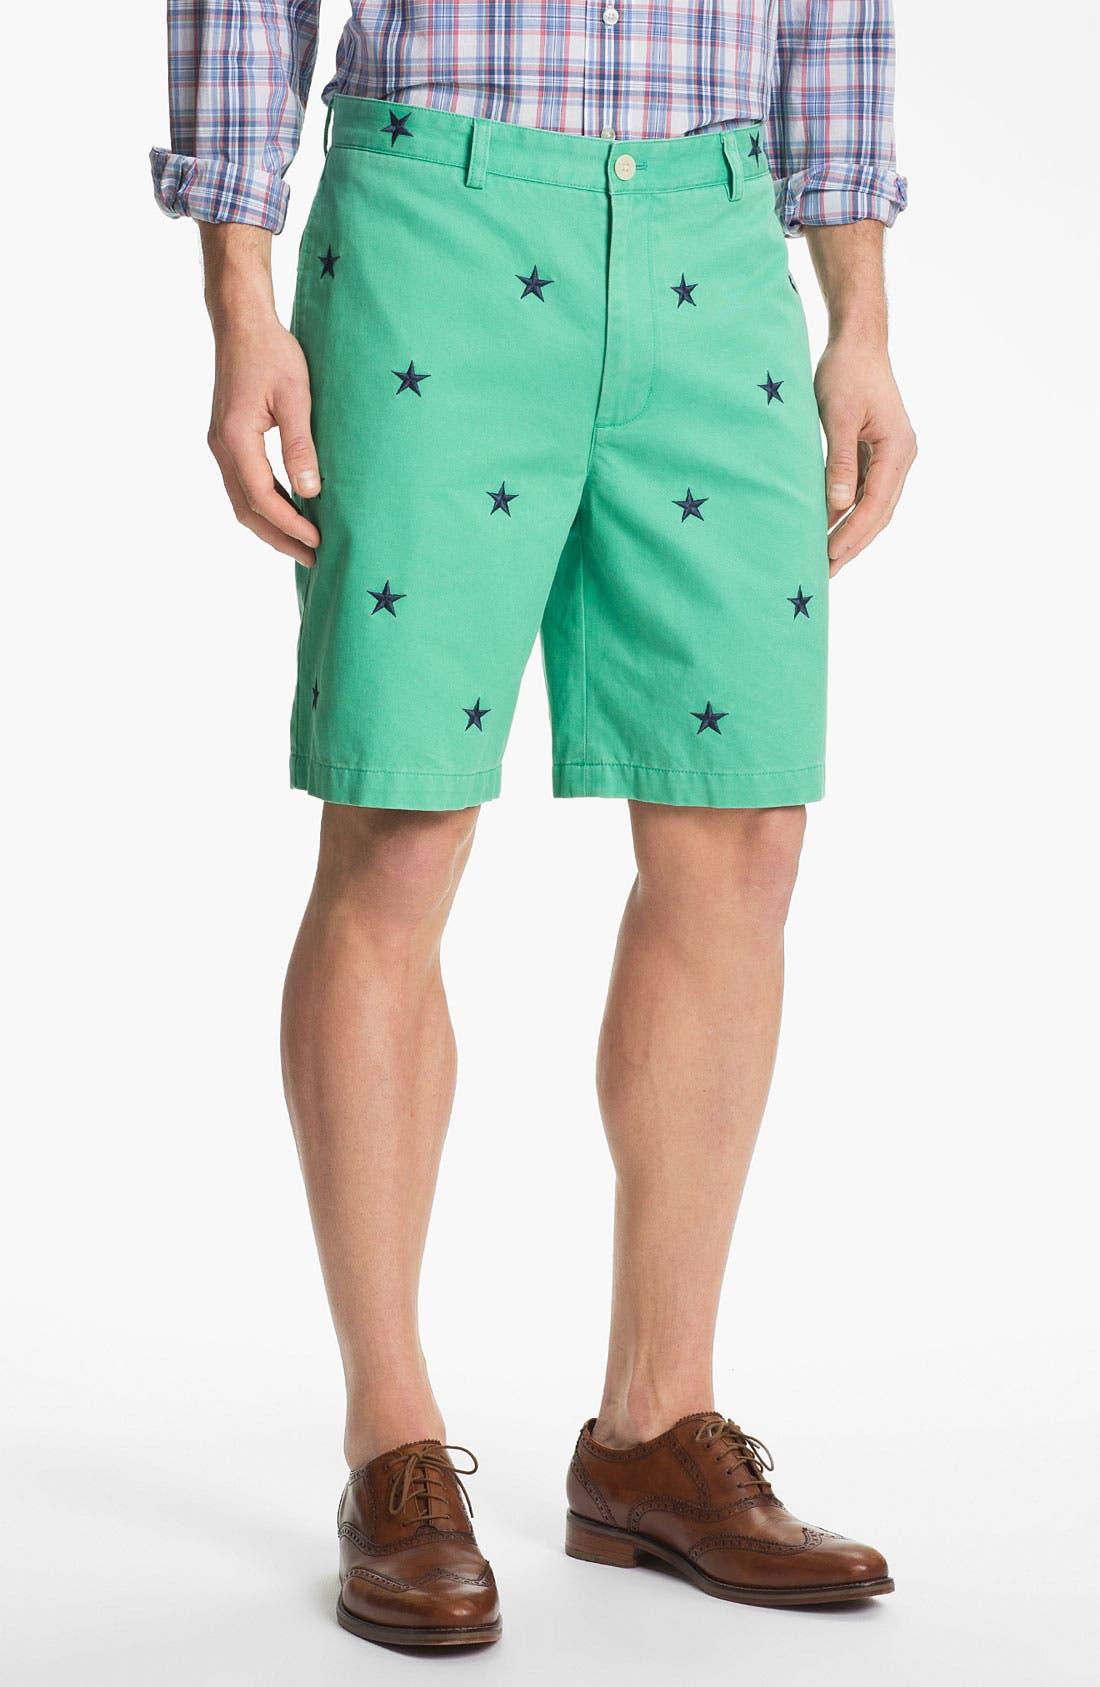 Alternate Image 1 Selected - Vineyard Vines Regular Fit Embroidered Shorts